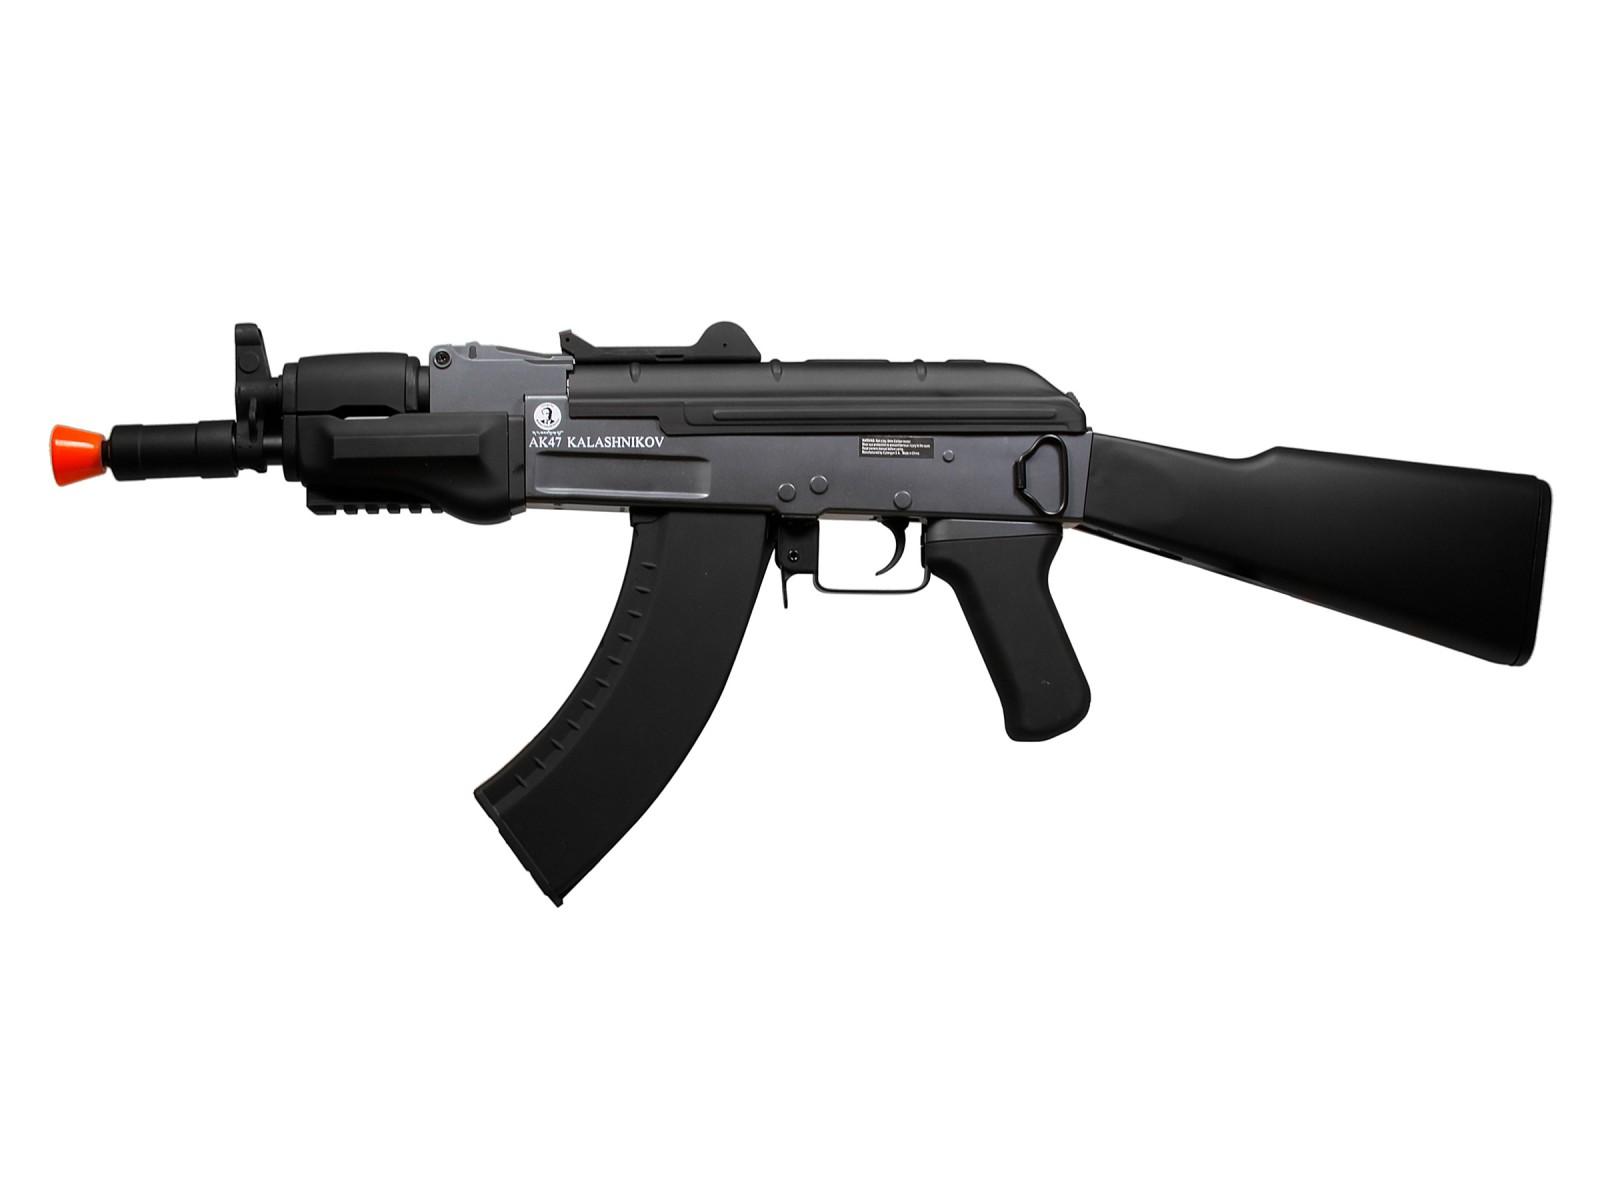 Kalashnikov_Spetsnaz_AEG_6mm